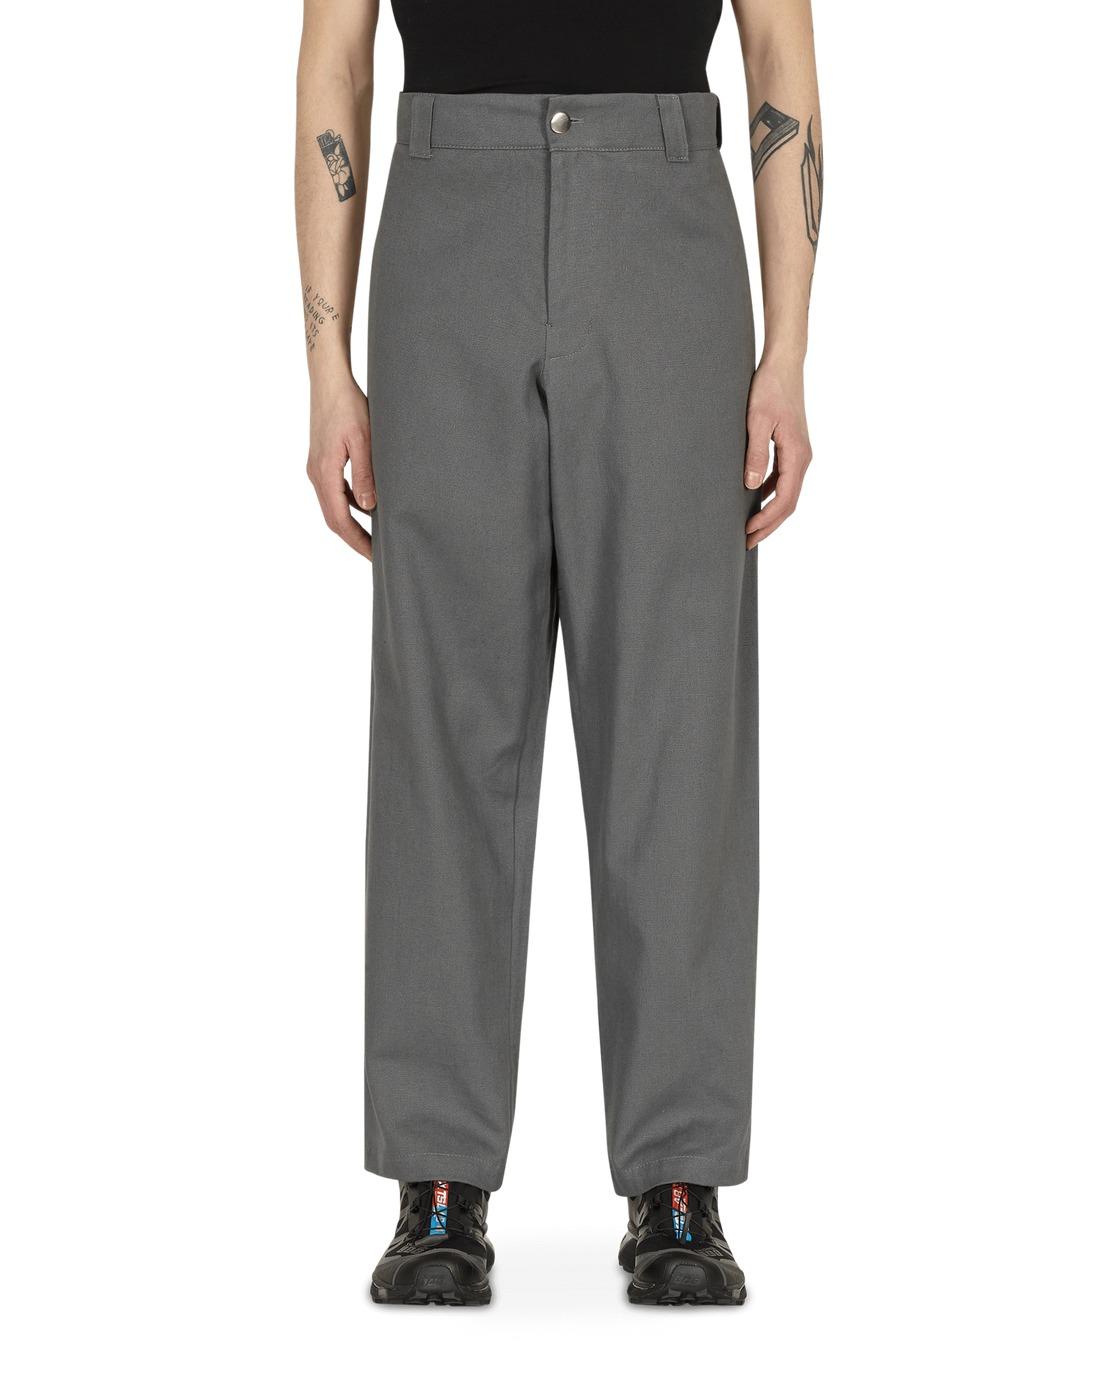 Eden Power Corp Vort Pants Grey